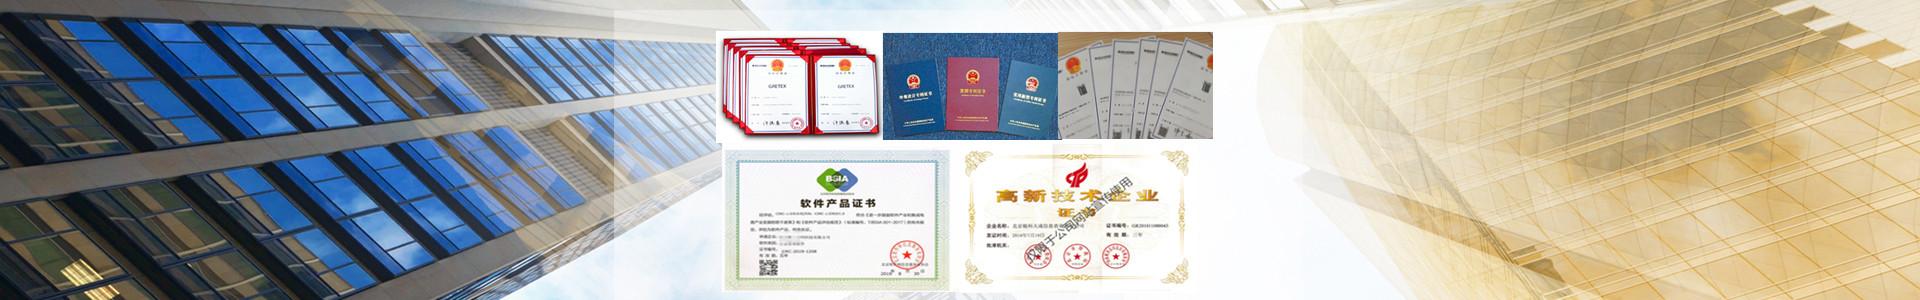 北京专利商标申请